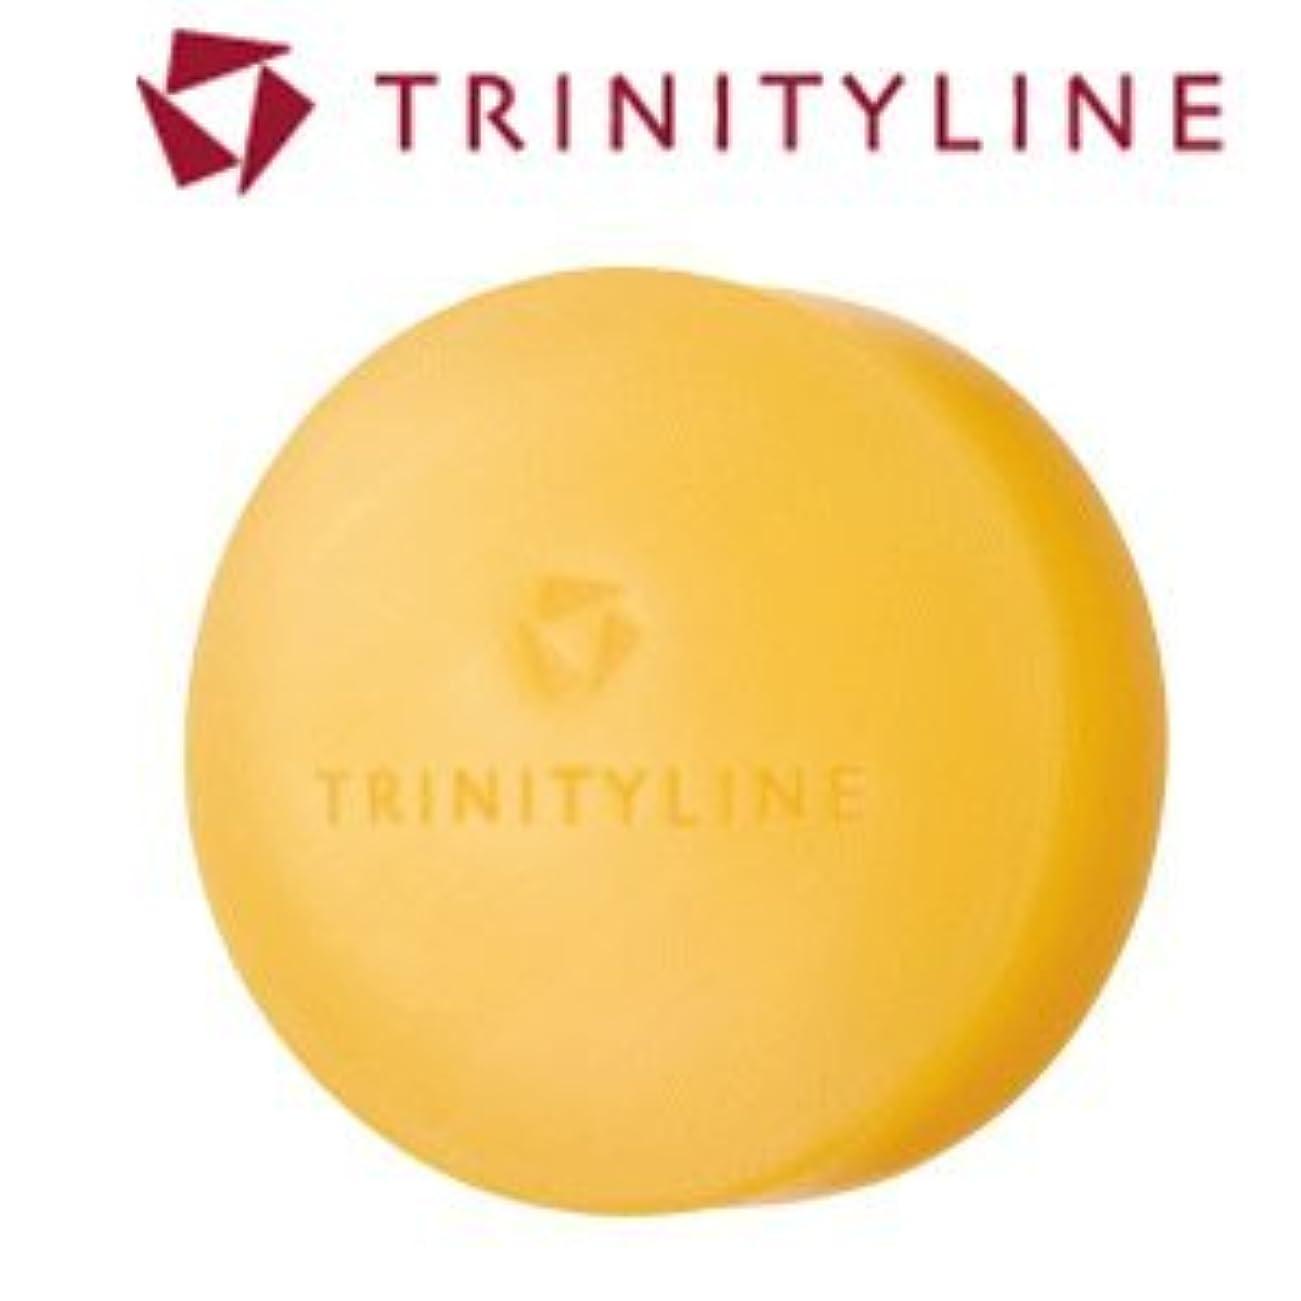 コンプライアンスご注意リスTRINITY LINE/トリニティーライン マイルドピールソープ 100g 美容 洗顔